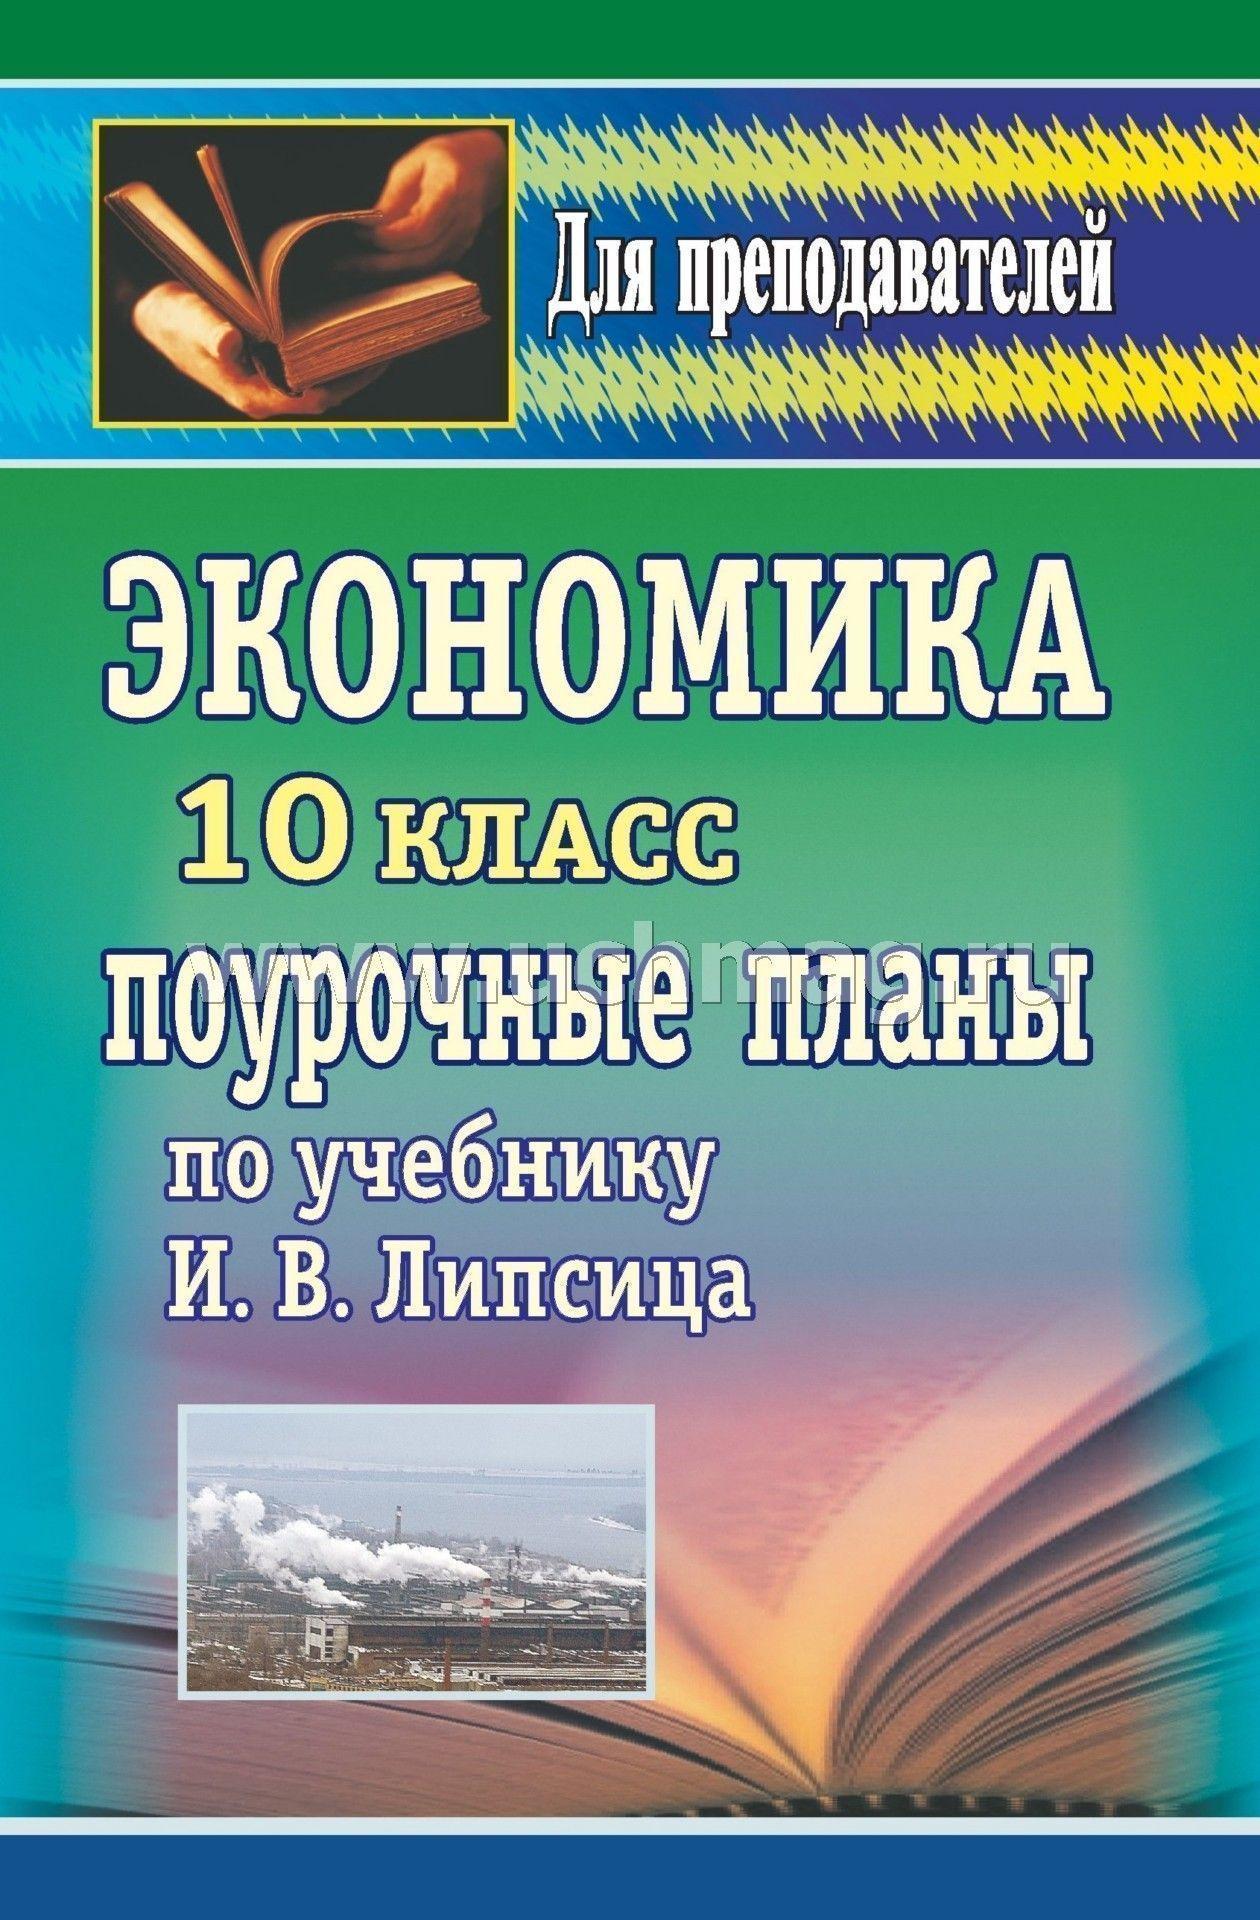 Гдз по русскому под редакцией пичугова и др. бесплатно